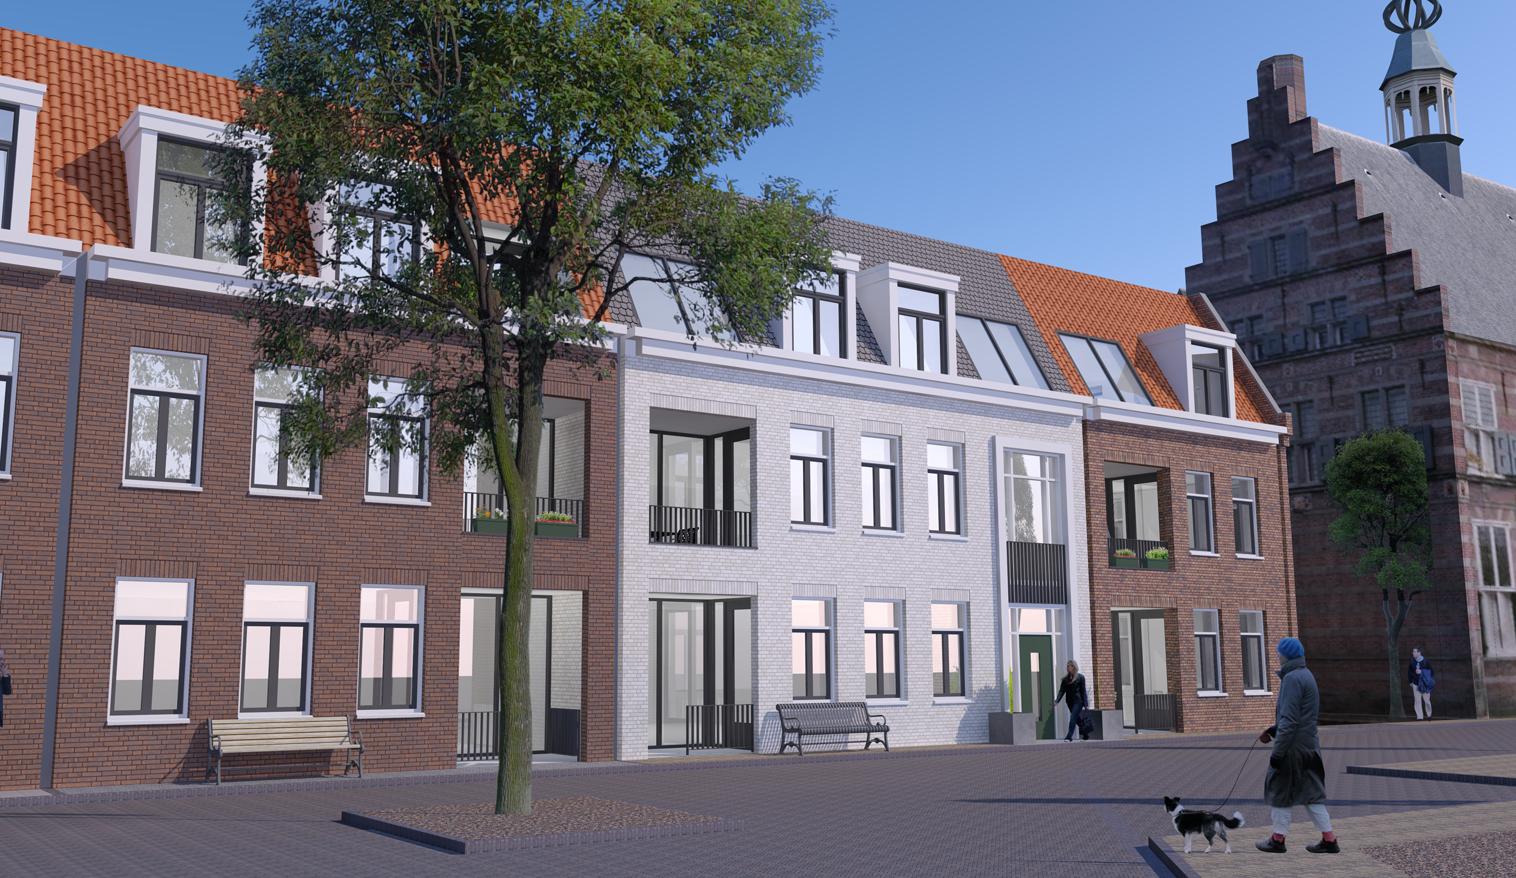 01 OPL Architecten_Aliantus Naarden-1516×878-72dpi